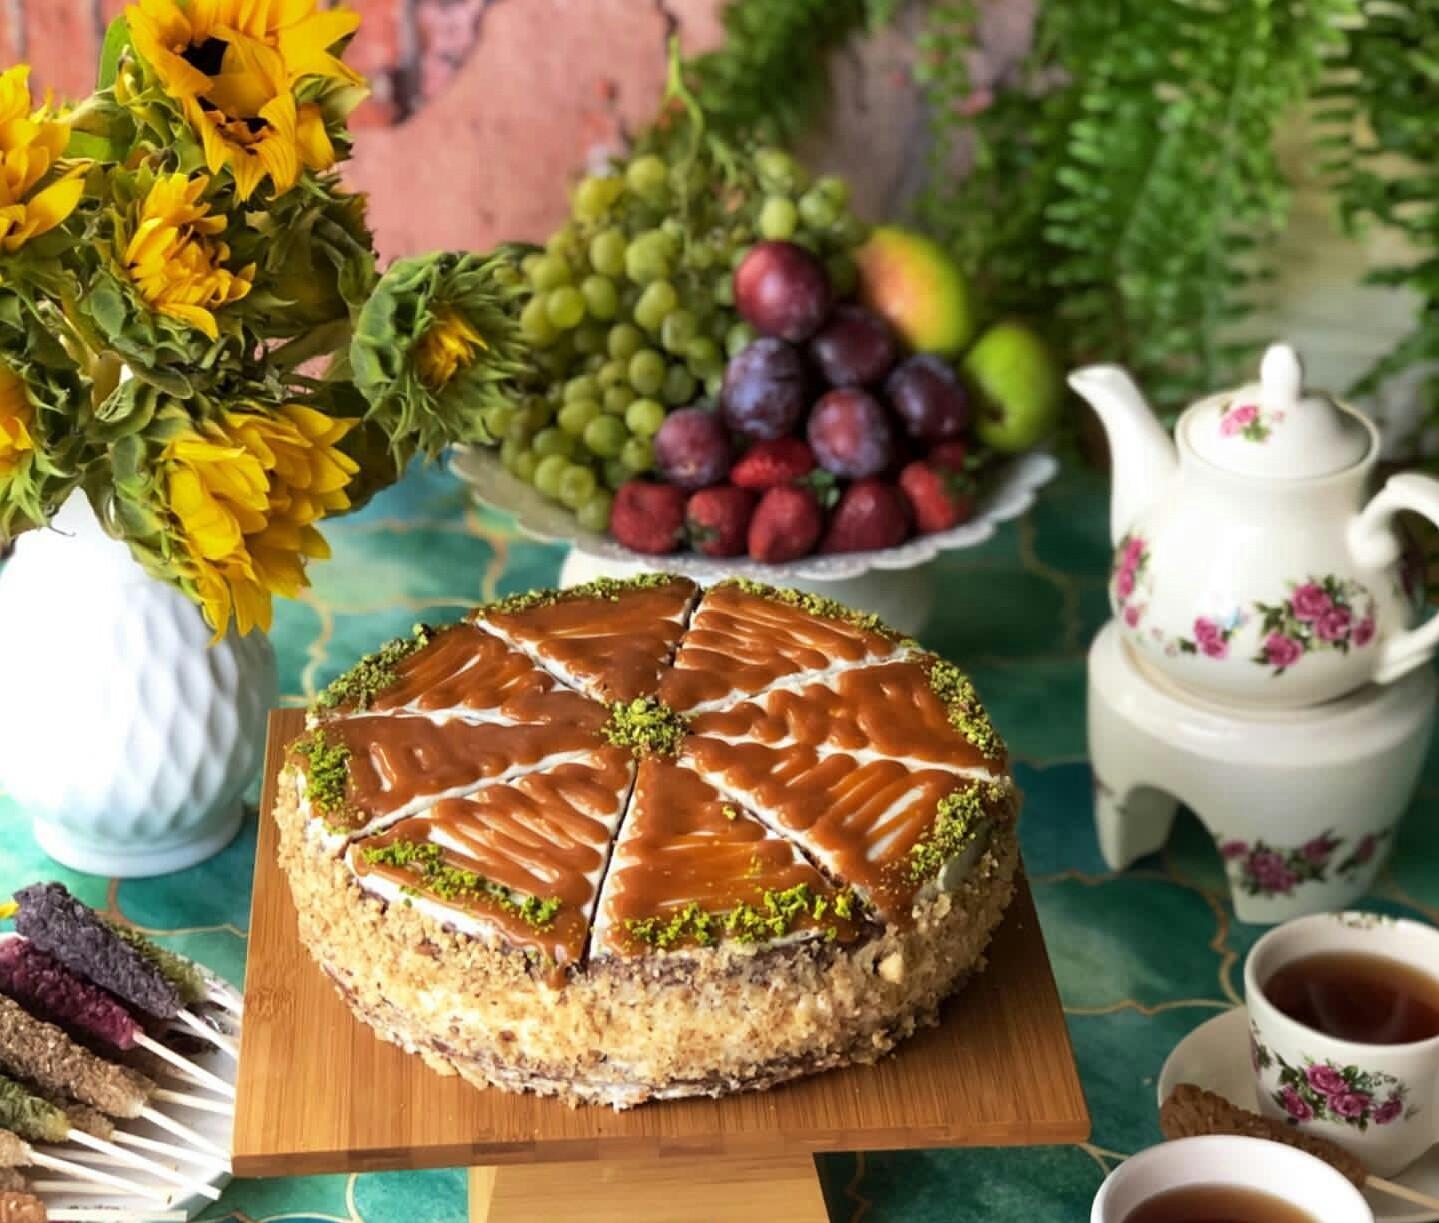 آموزش کیک هویج و گردو کاراملی با فراستینگ پنیری